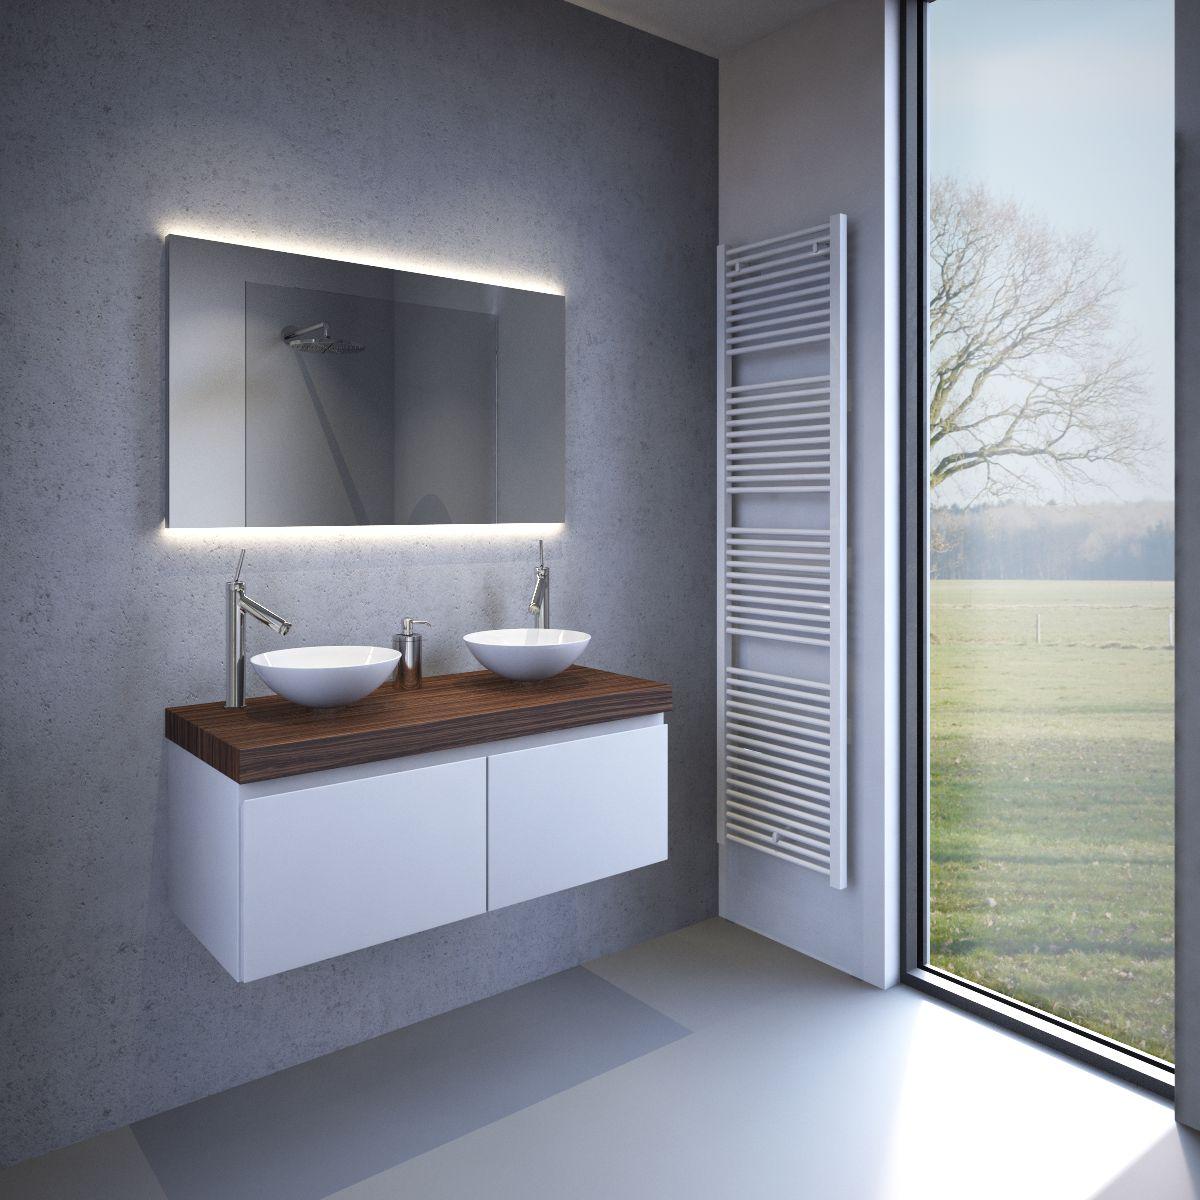 design badkamer spiegel met indirect strijklicht en spiegelverwarming 100x60 cm designspiegels. Black Bedroom Furniture Sets. Home Design Ideas